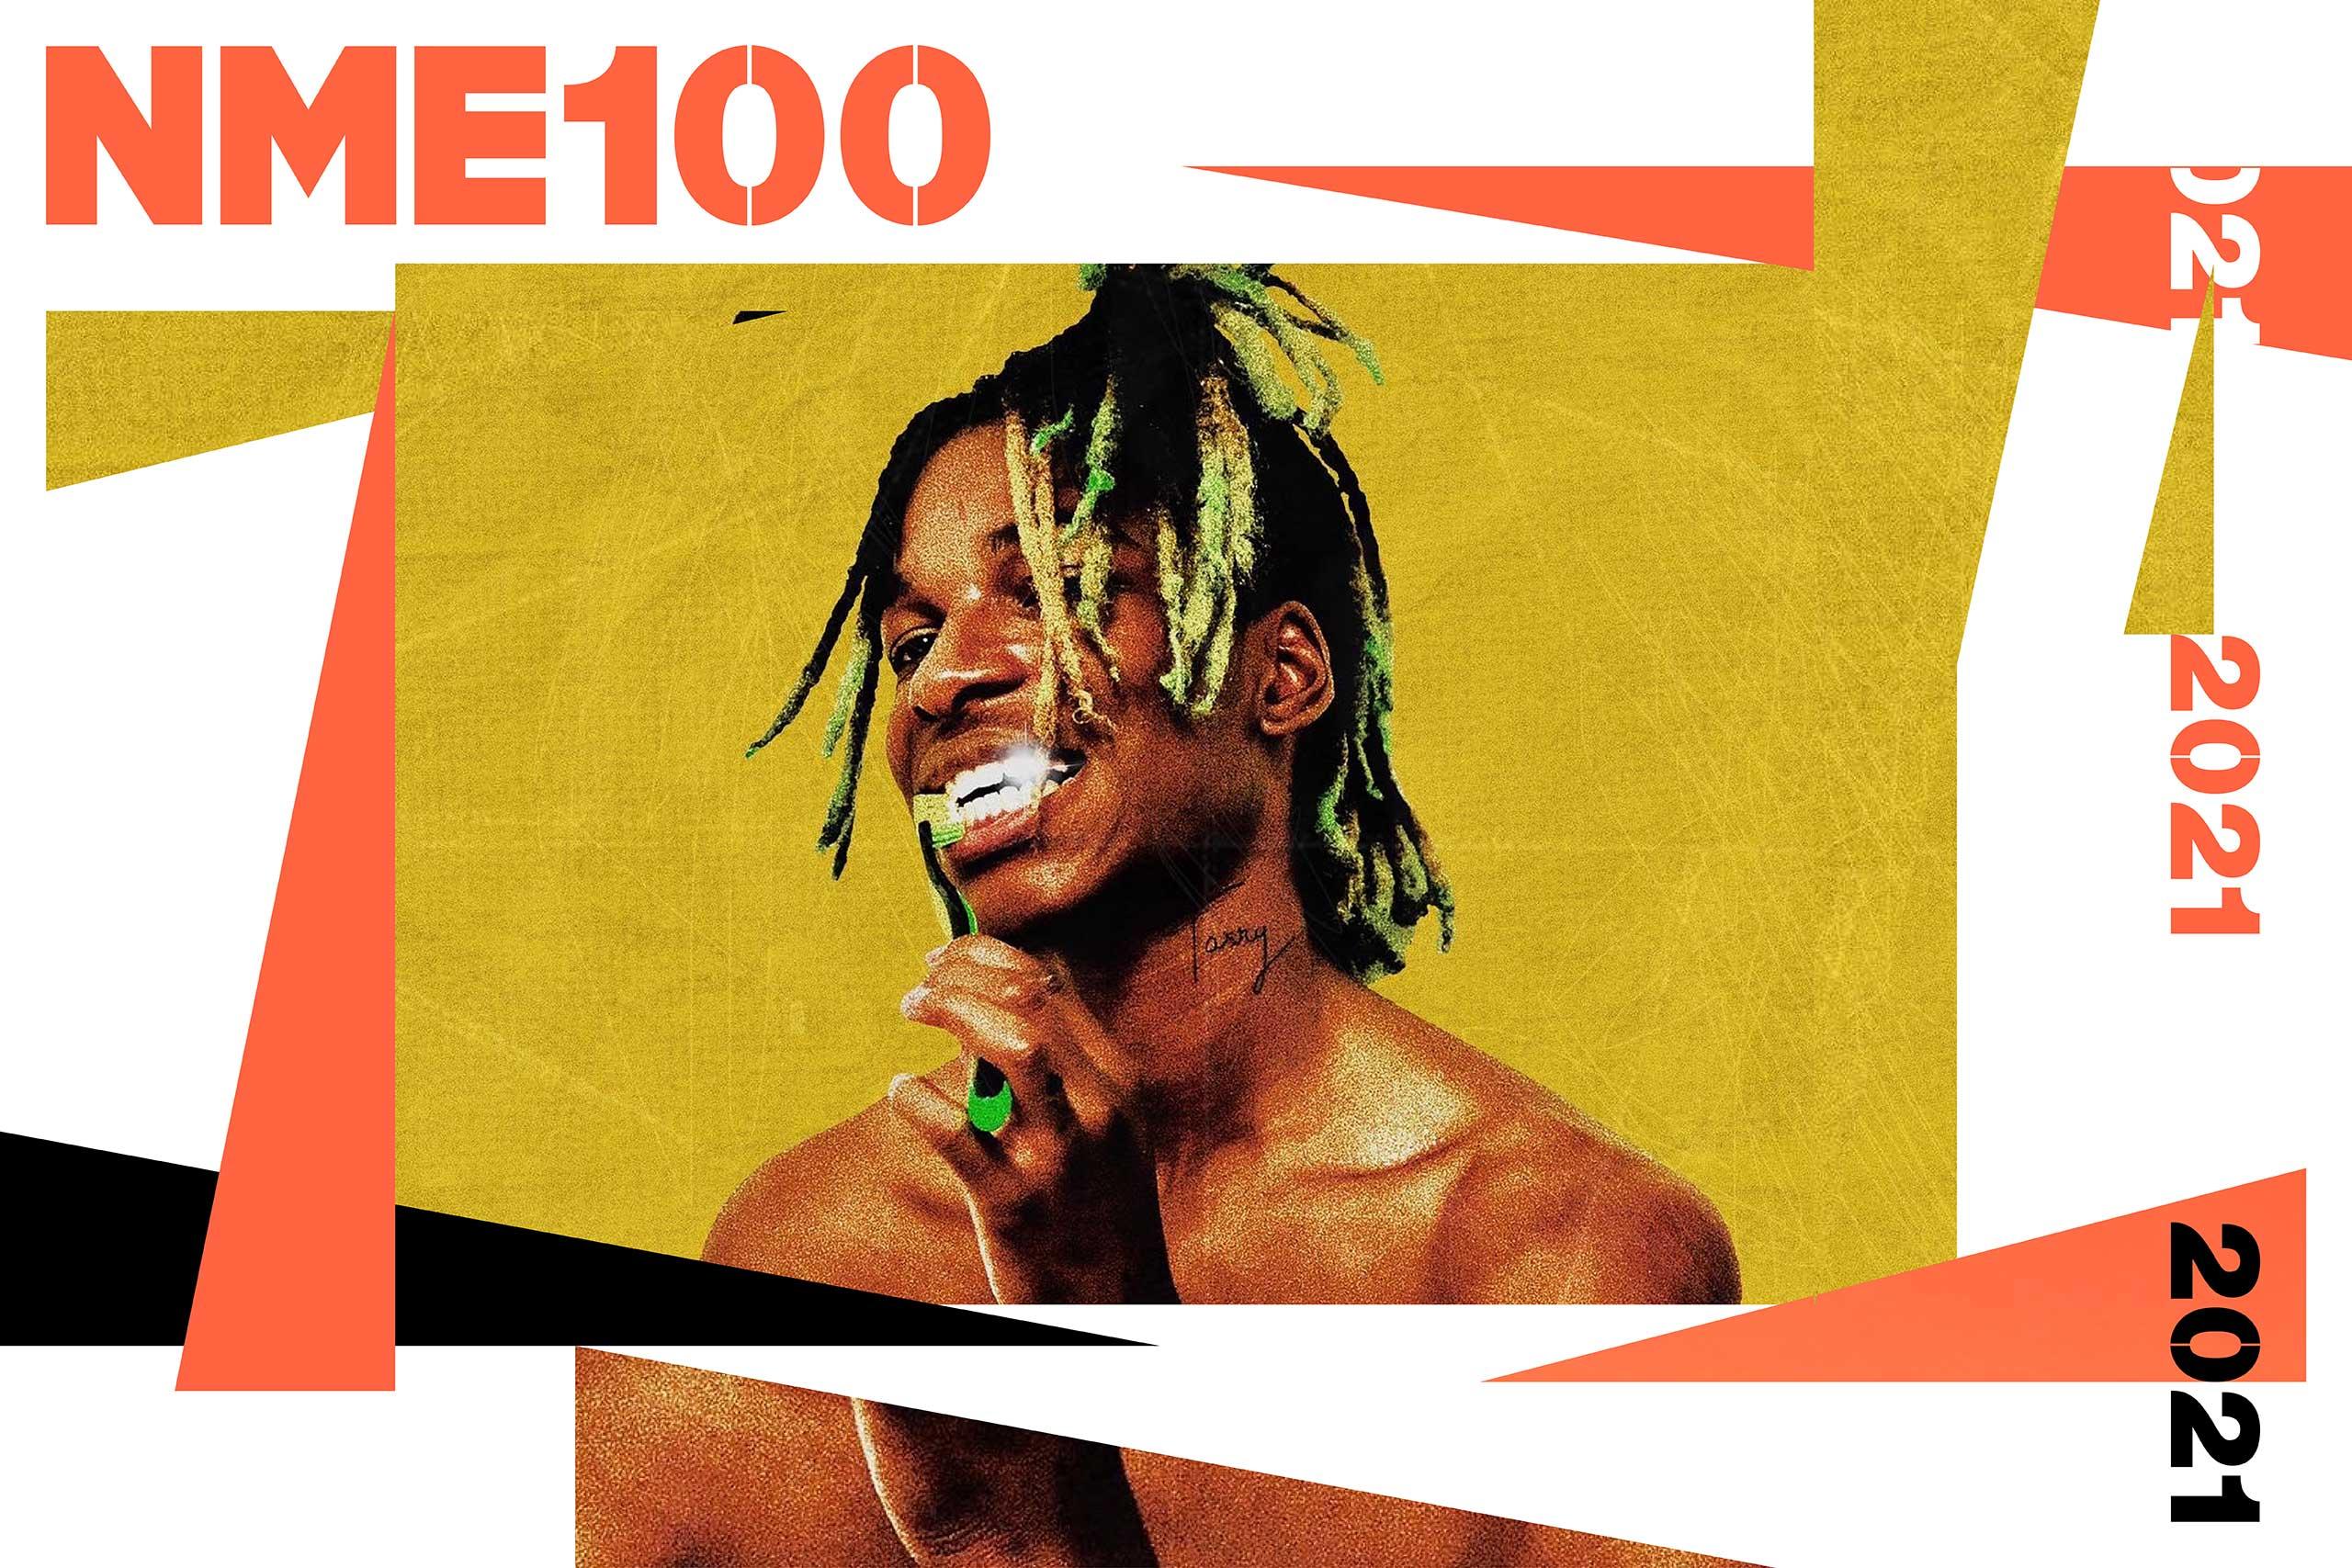 NME 100 jany green